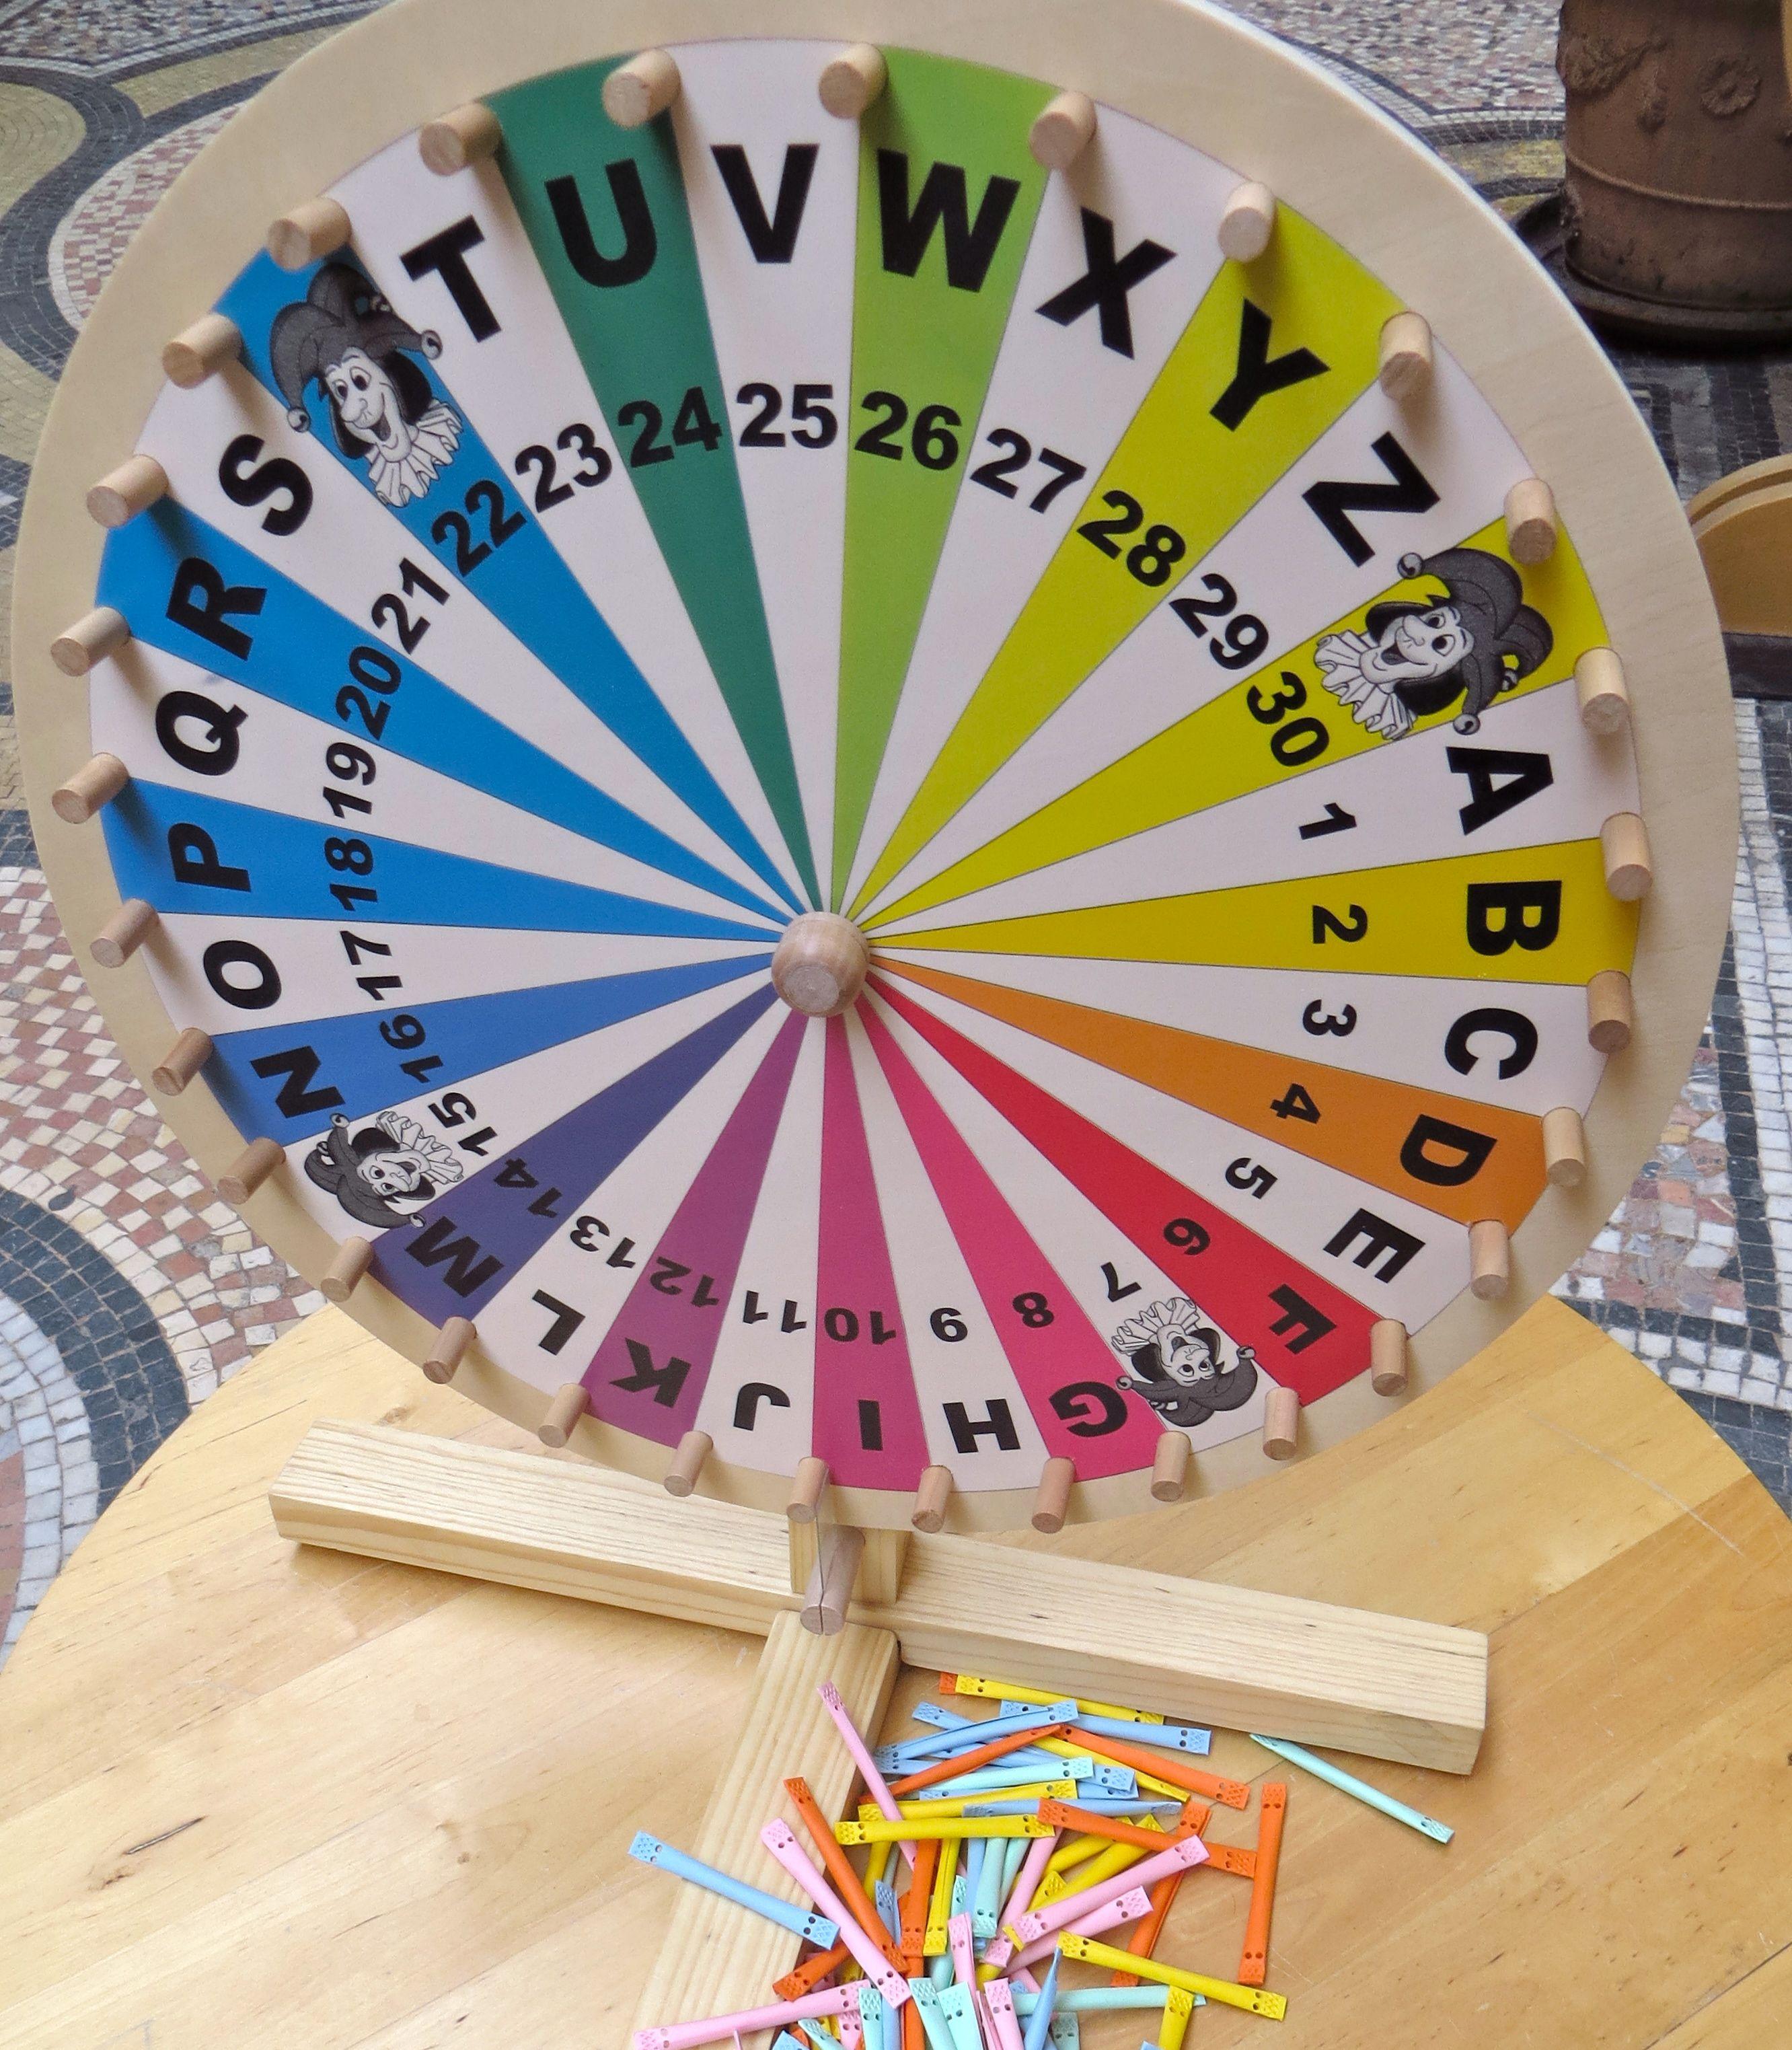 la roue de loterie jeux anniversaire enfants pinterest roue jeux anniversaire et jeu. Black Bedroom Furniture Sets. Home Design Ideas